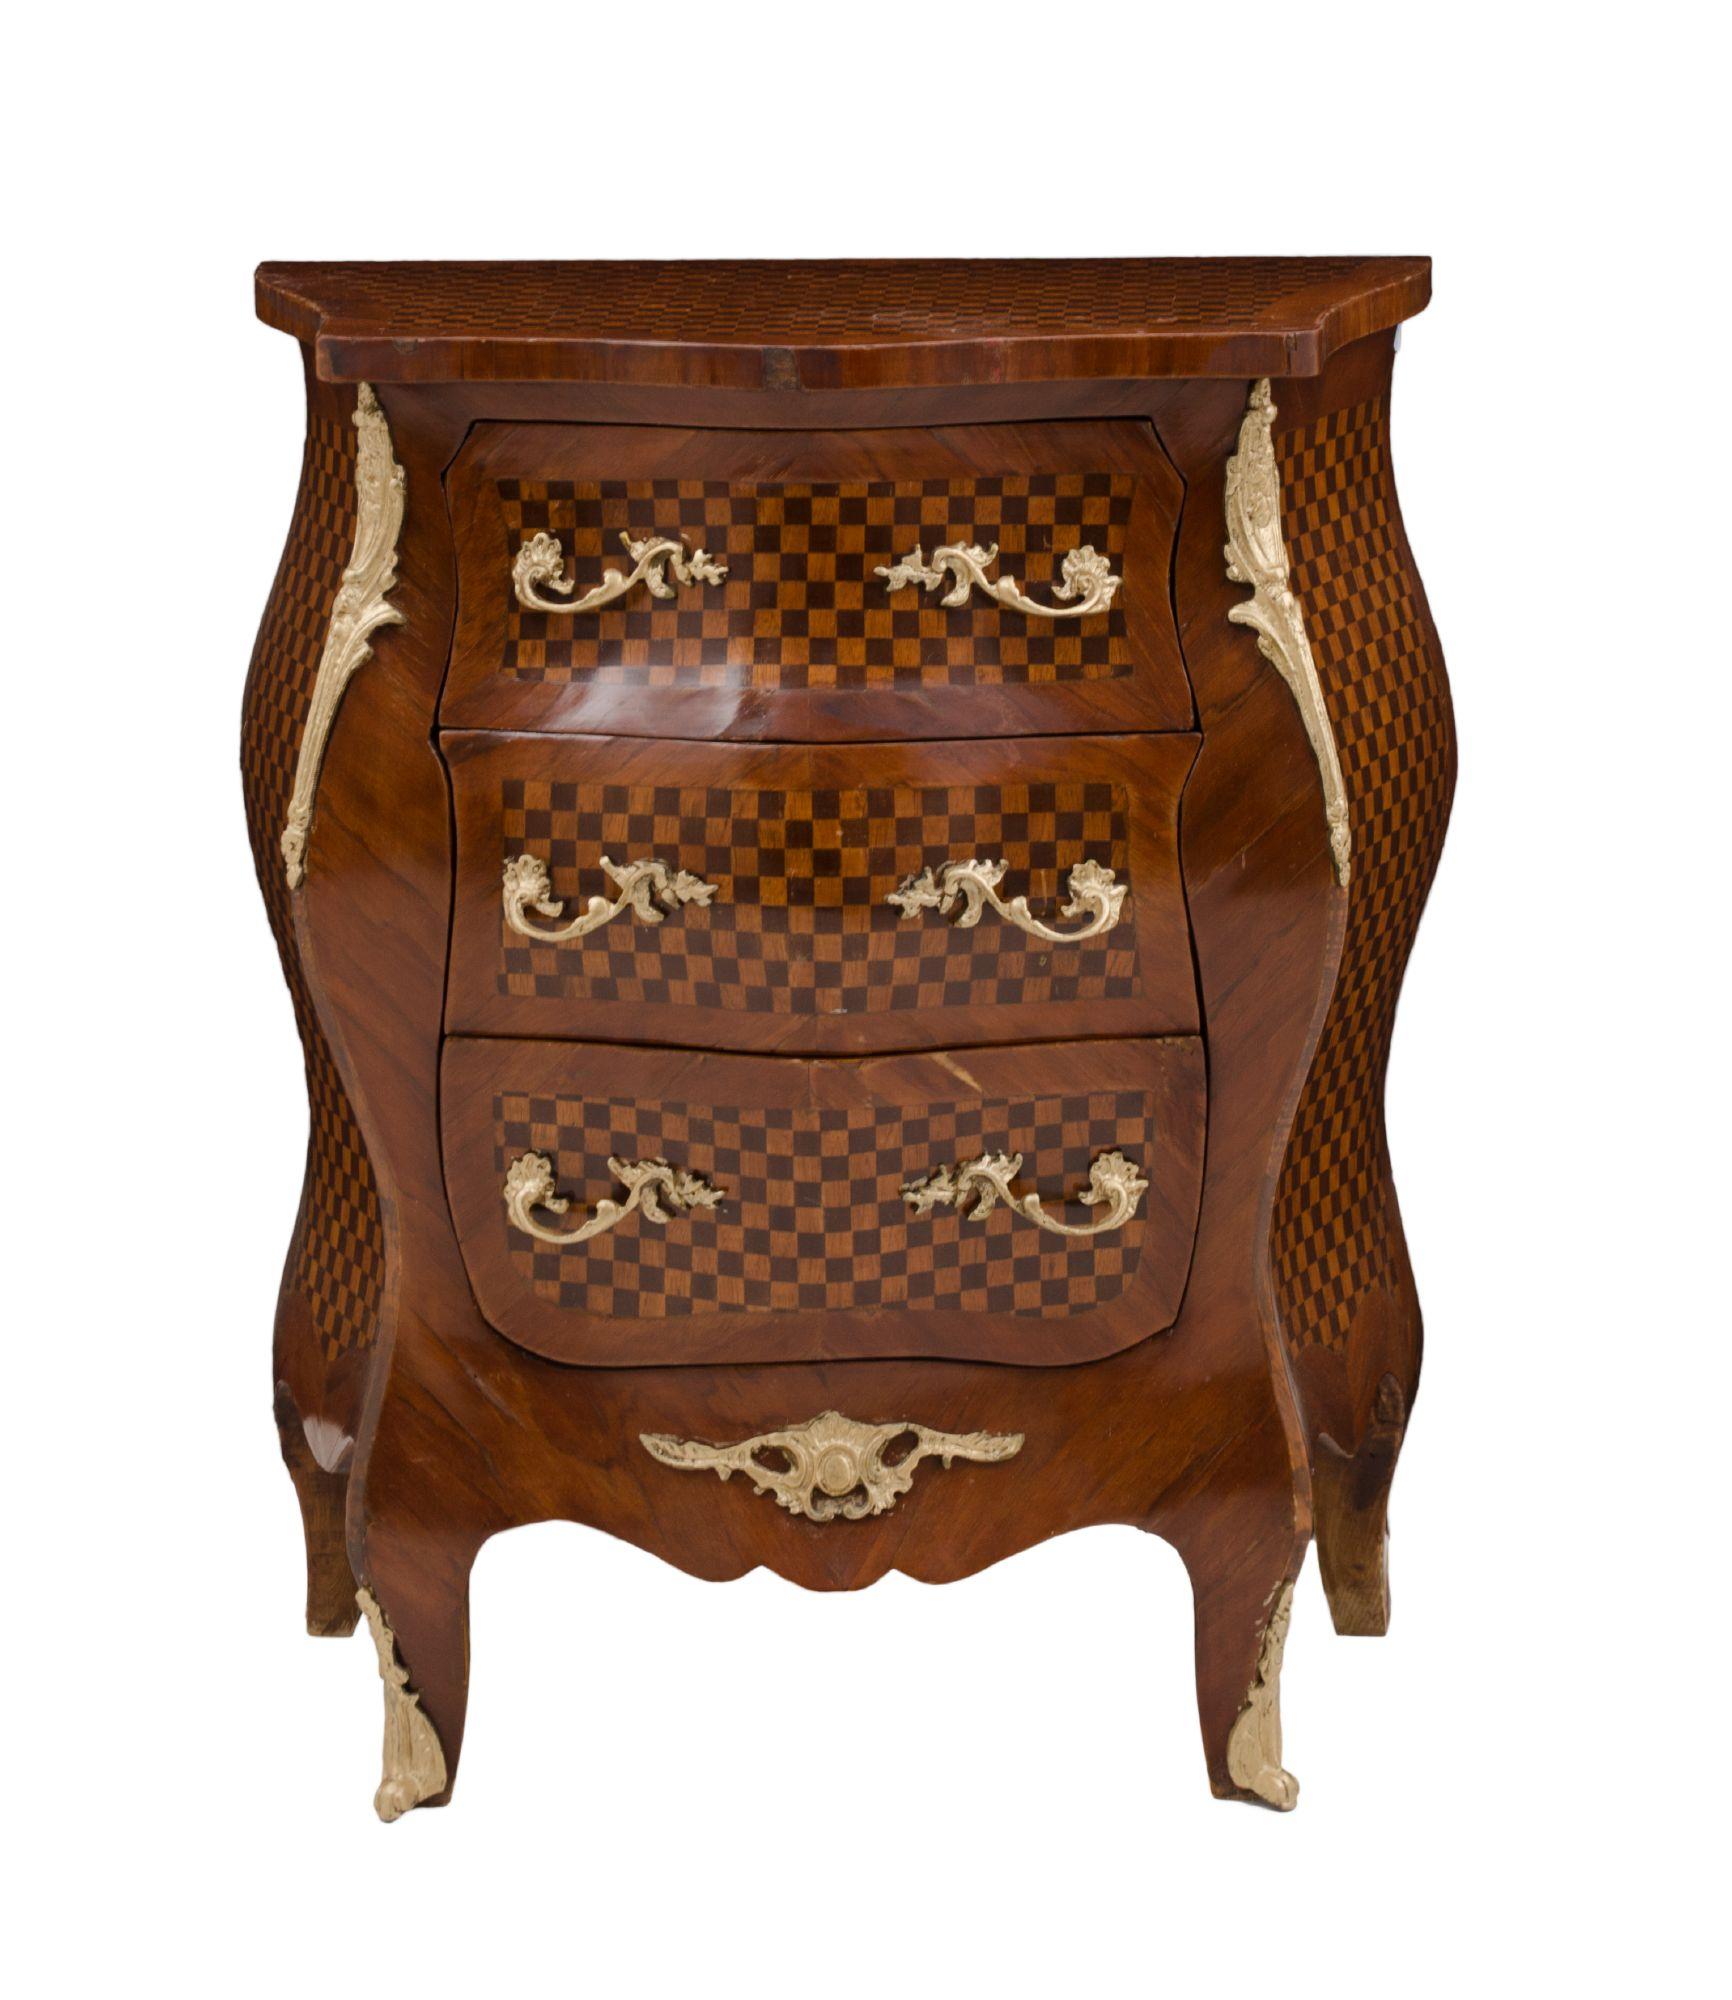 COMODINO stile Luigi XV in noce riccamente intarsiato a ...